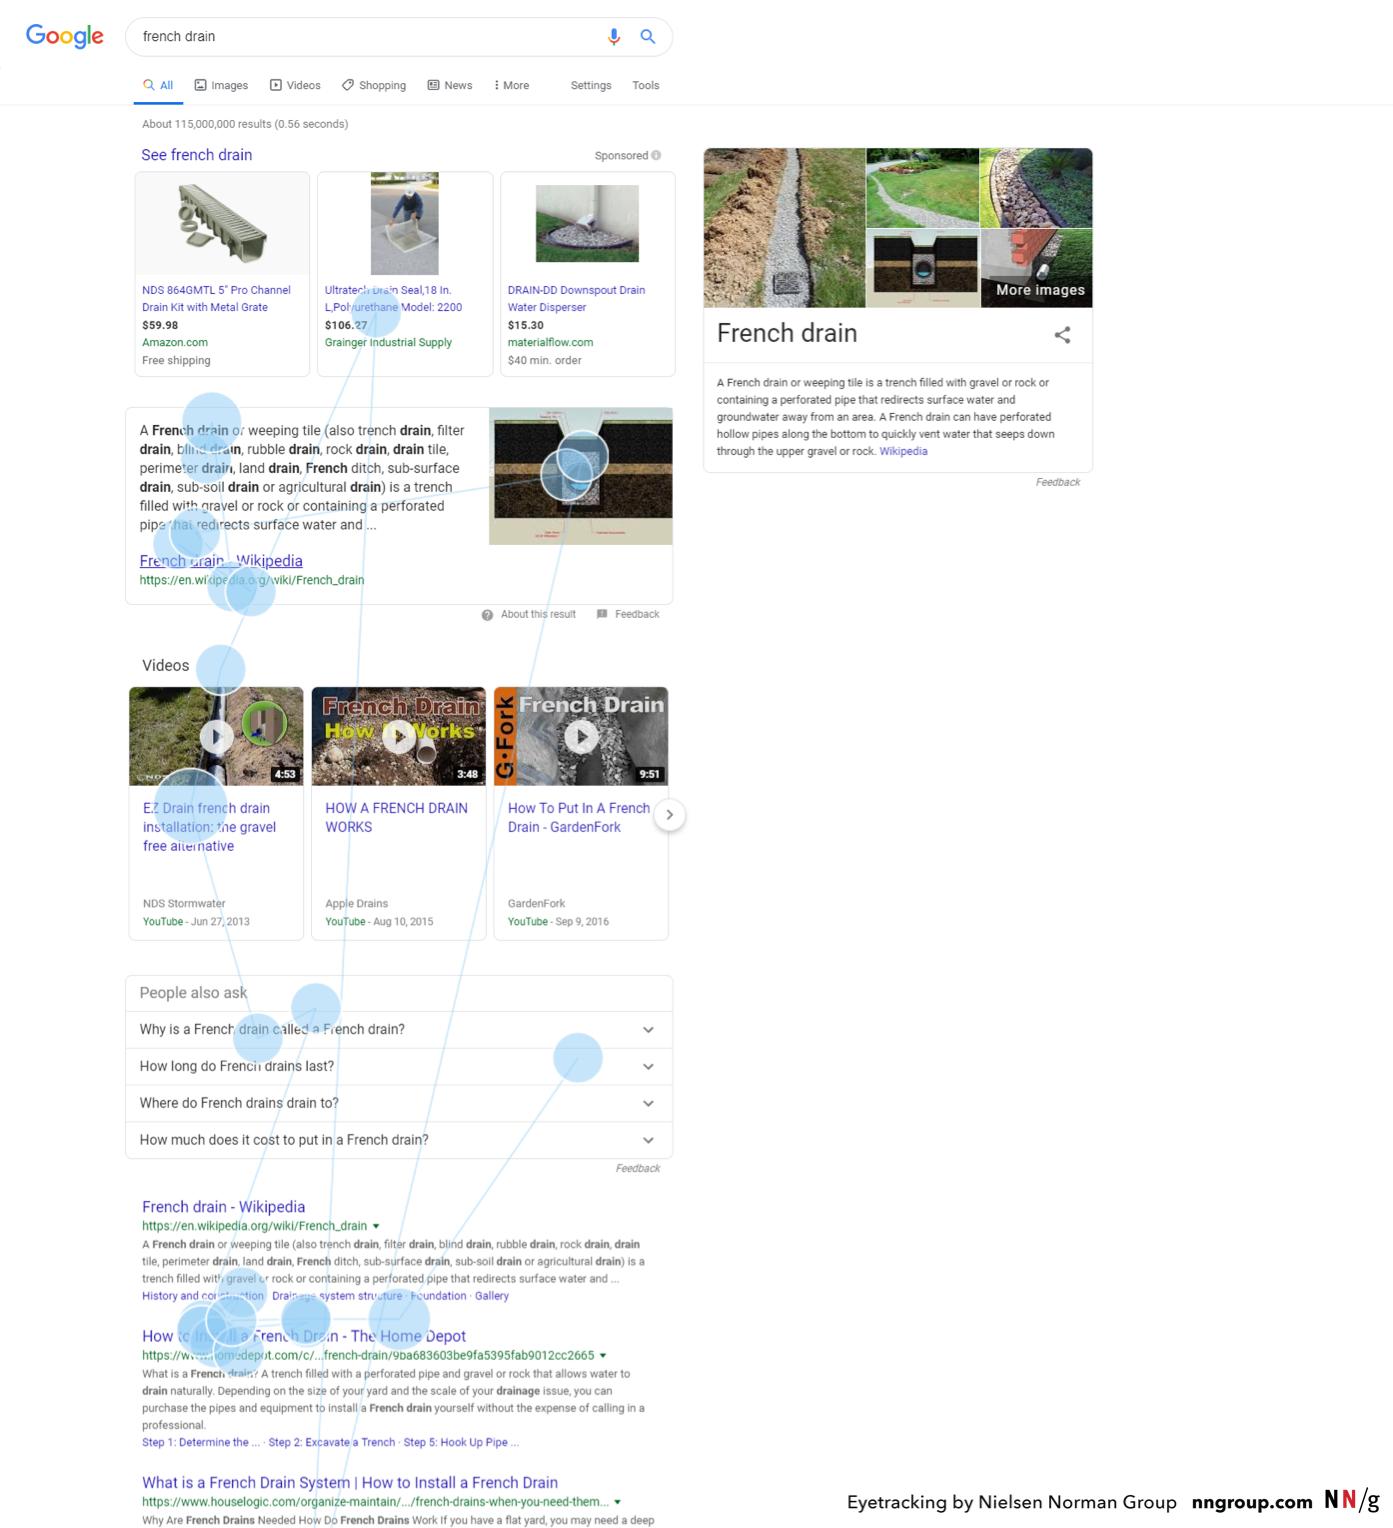 фиксация взгляда в поисковой выдаче